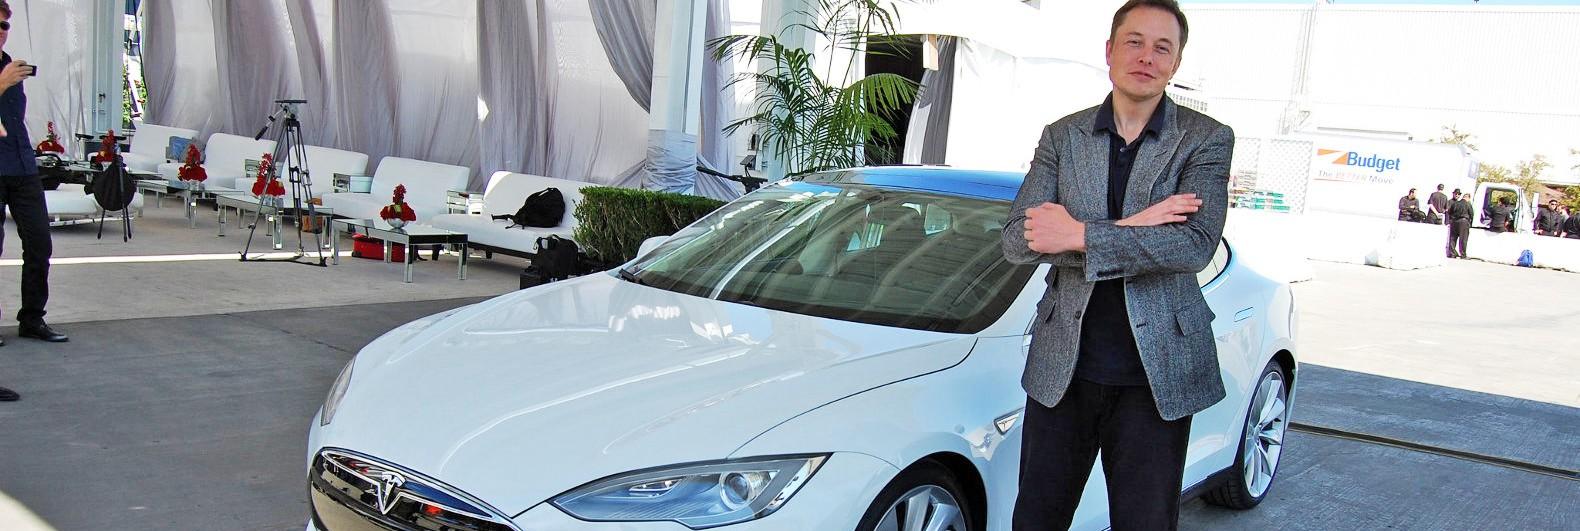 Тесла разрабатывает электрический двигатель, который проедет миллионы миль